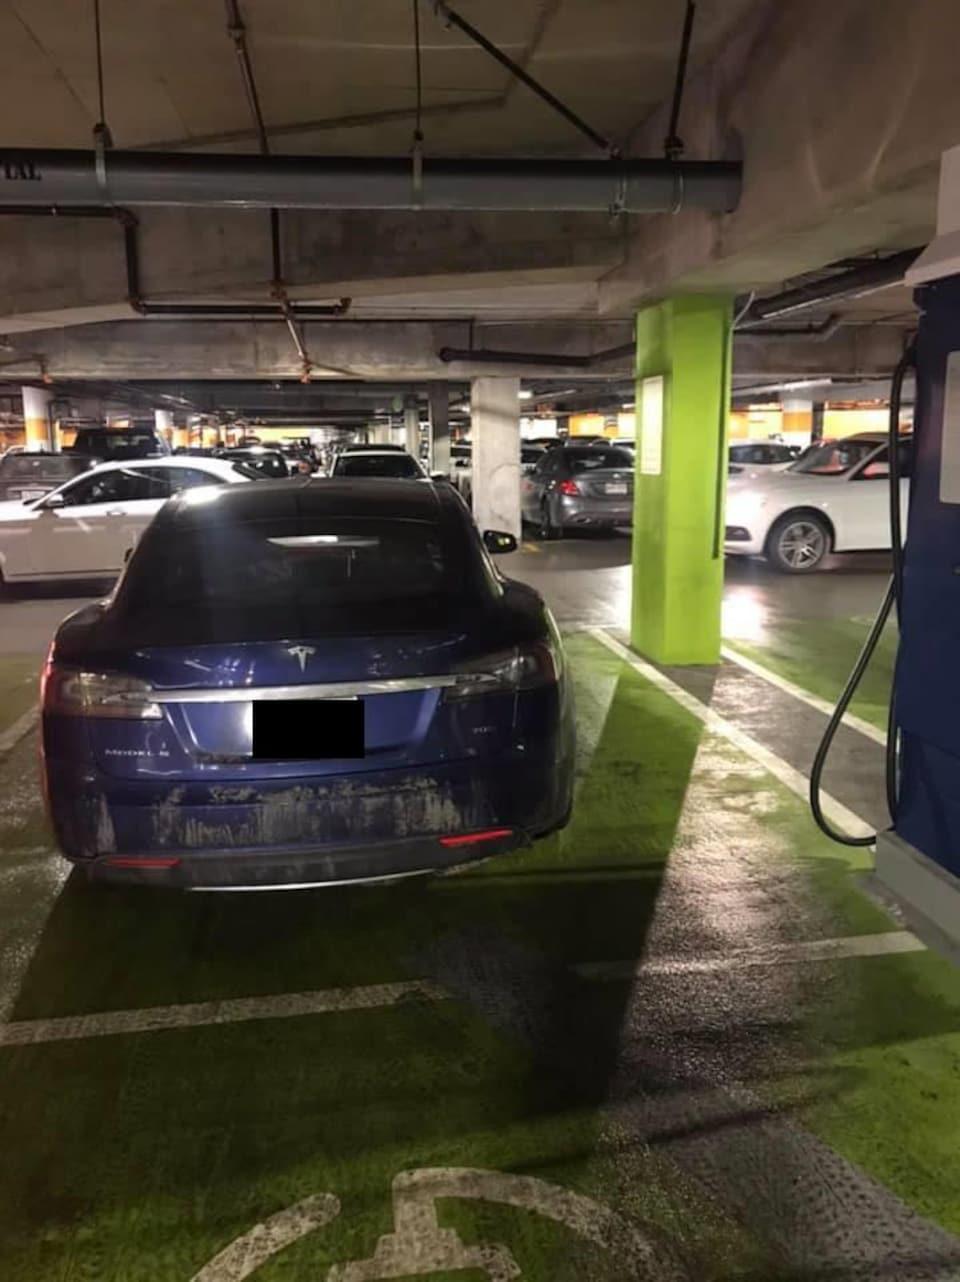 Un véhicule électrique bleu de marque Tesla occupe un espace de stationnement réservé peint en vert, mais il n'est pas branché à la borne de recharge à sa droite.